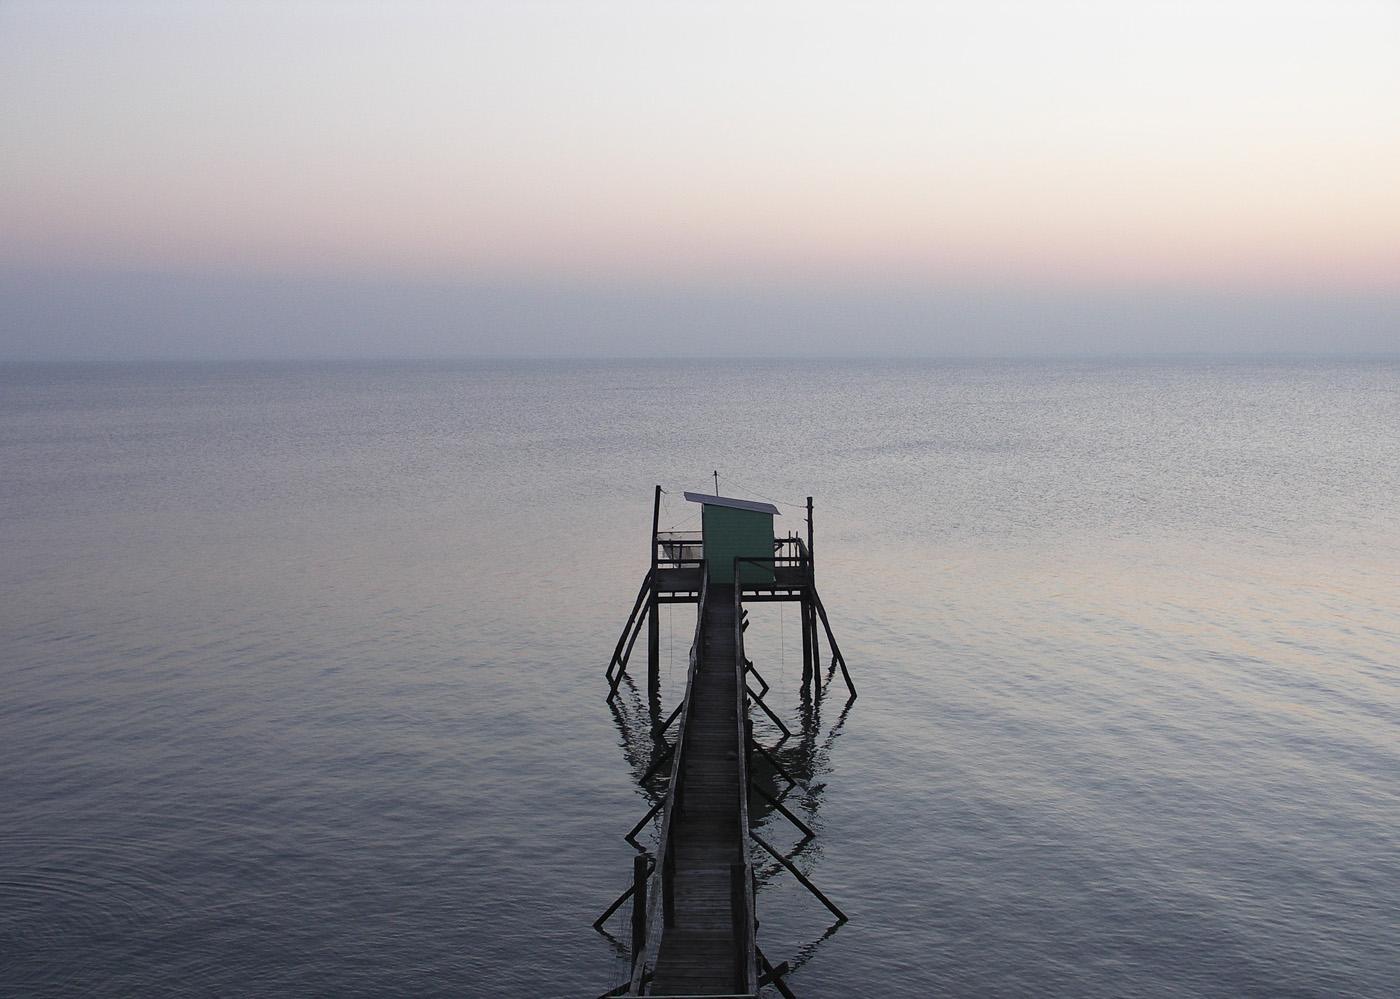 Carrelet - Port-des-Barques